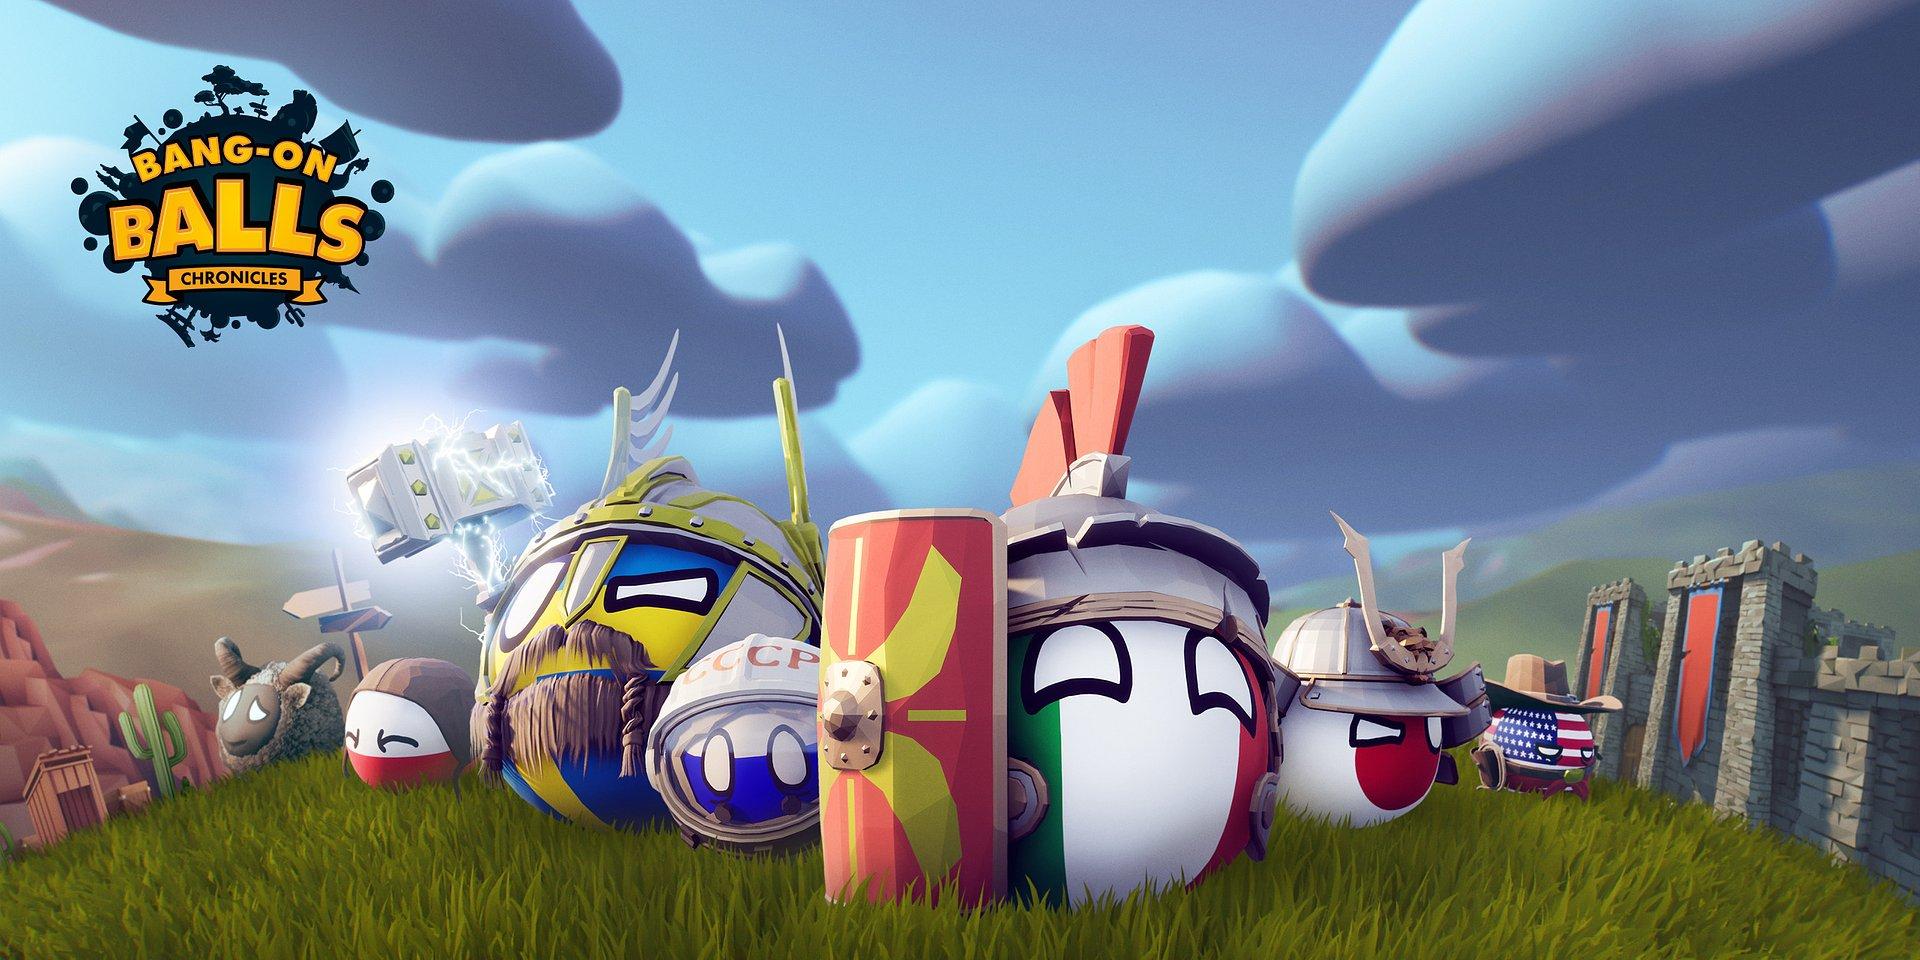 Exit Plan Games está en racha con Bang-On Balls: Chronicles, ¡un juego de plataformas en 3D repleto de acción, que golpea la pelota, destruye niveles y hace historia!